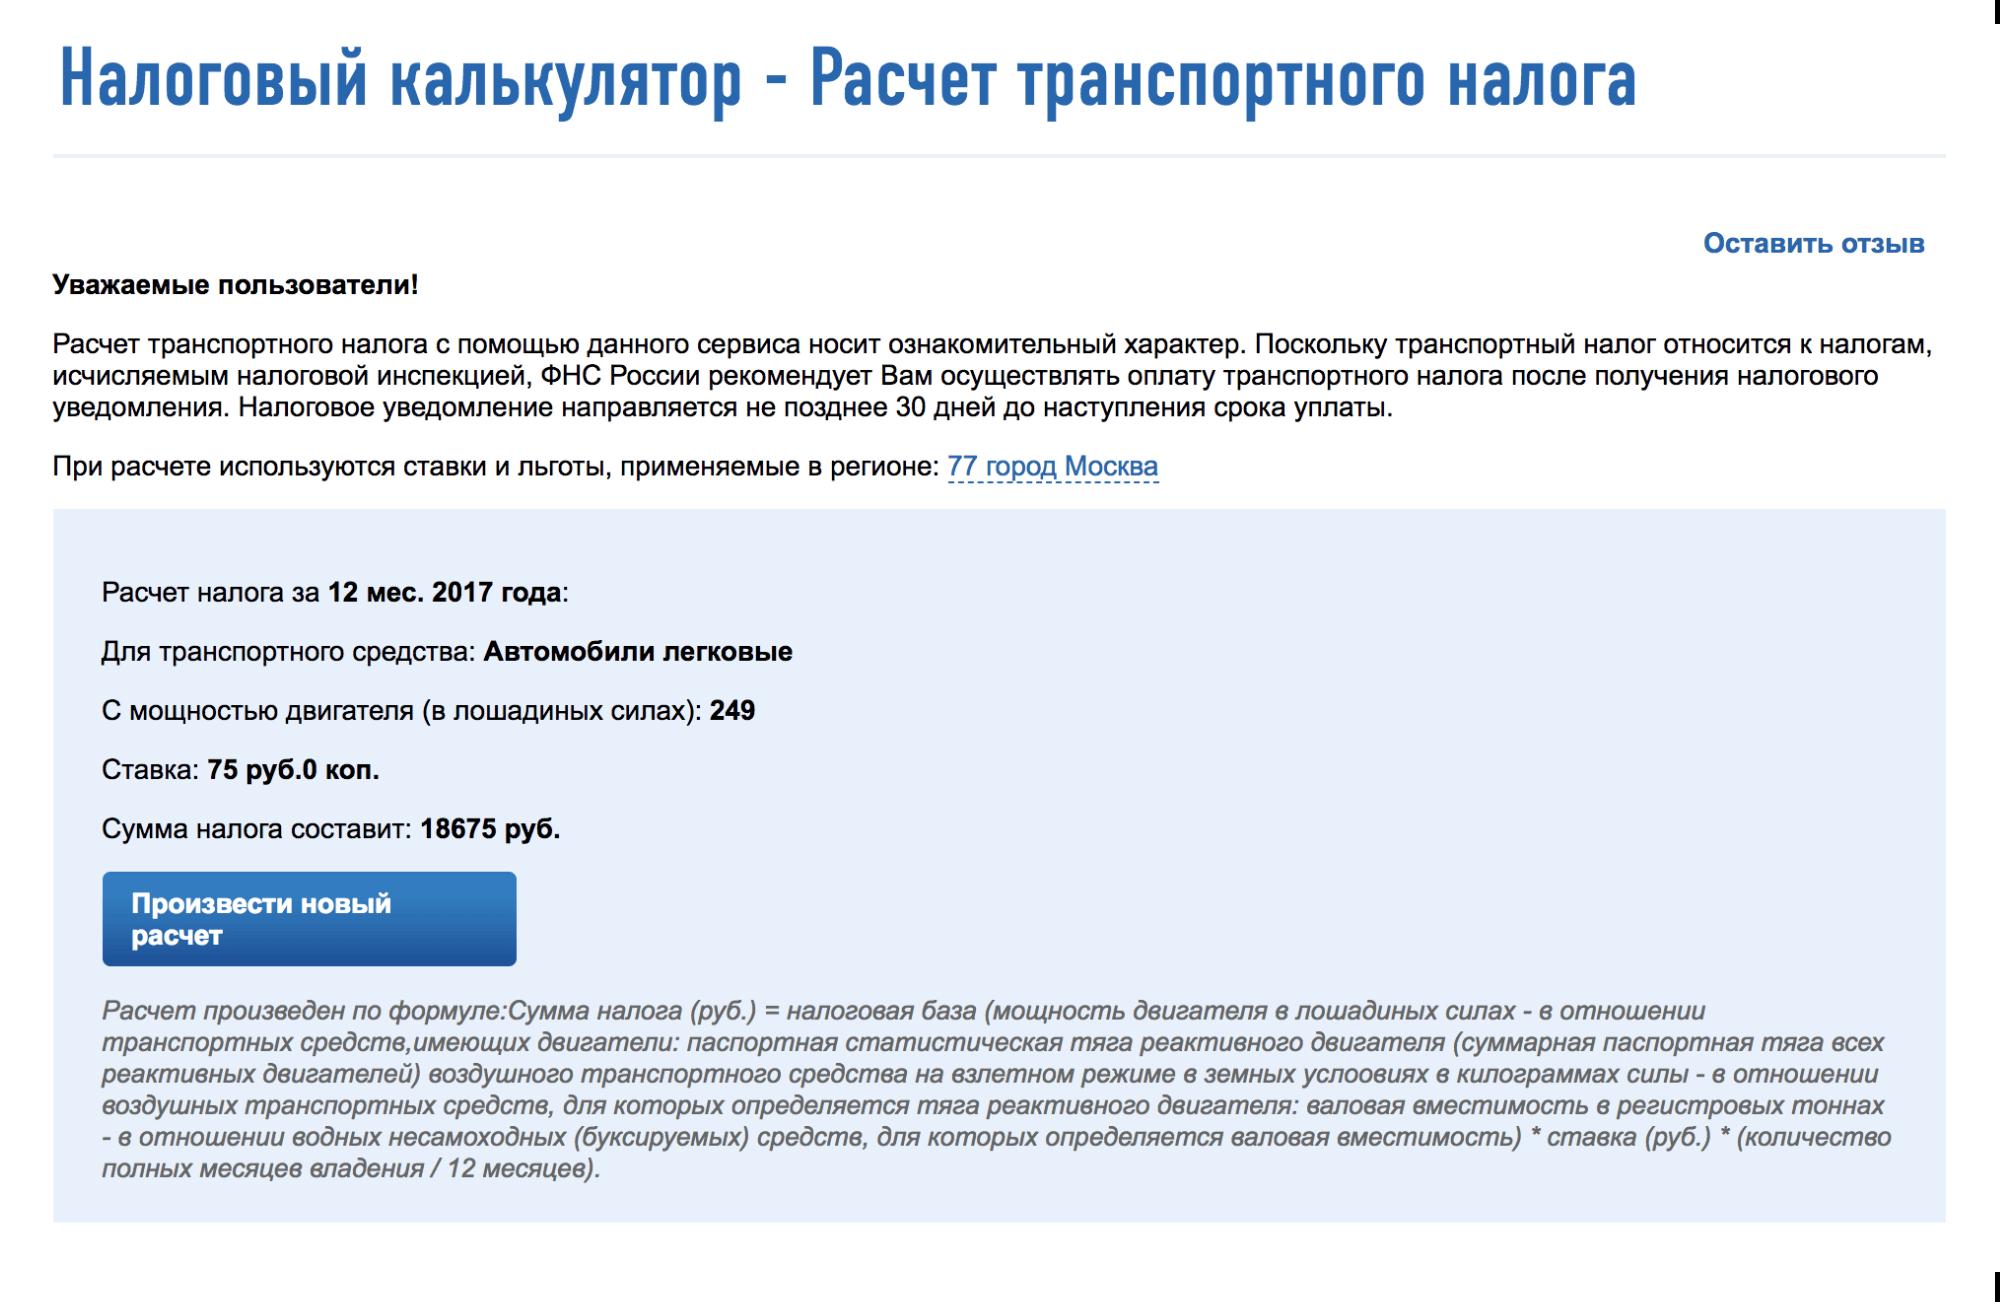 В Хабаровске ставка налога для{amp}amp;nbsp;Тойоты была 60 рублей, а в Москве за машину той{amp}amp;nbsp;же мощности — 75 рублей